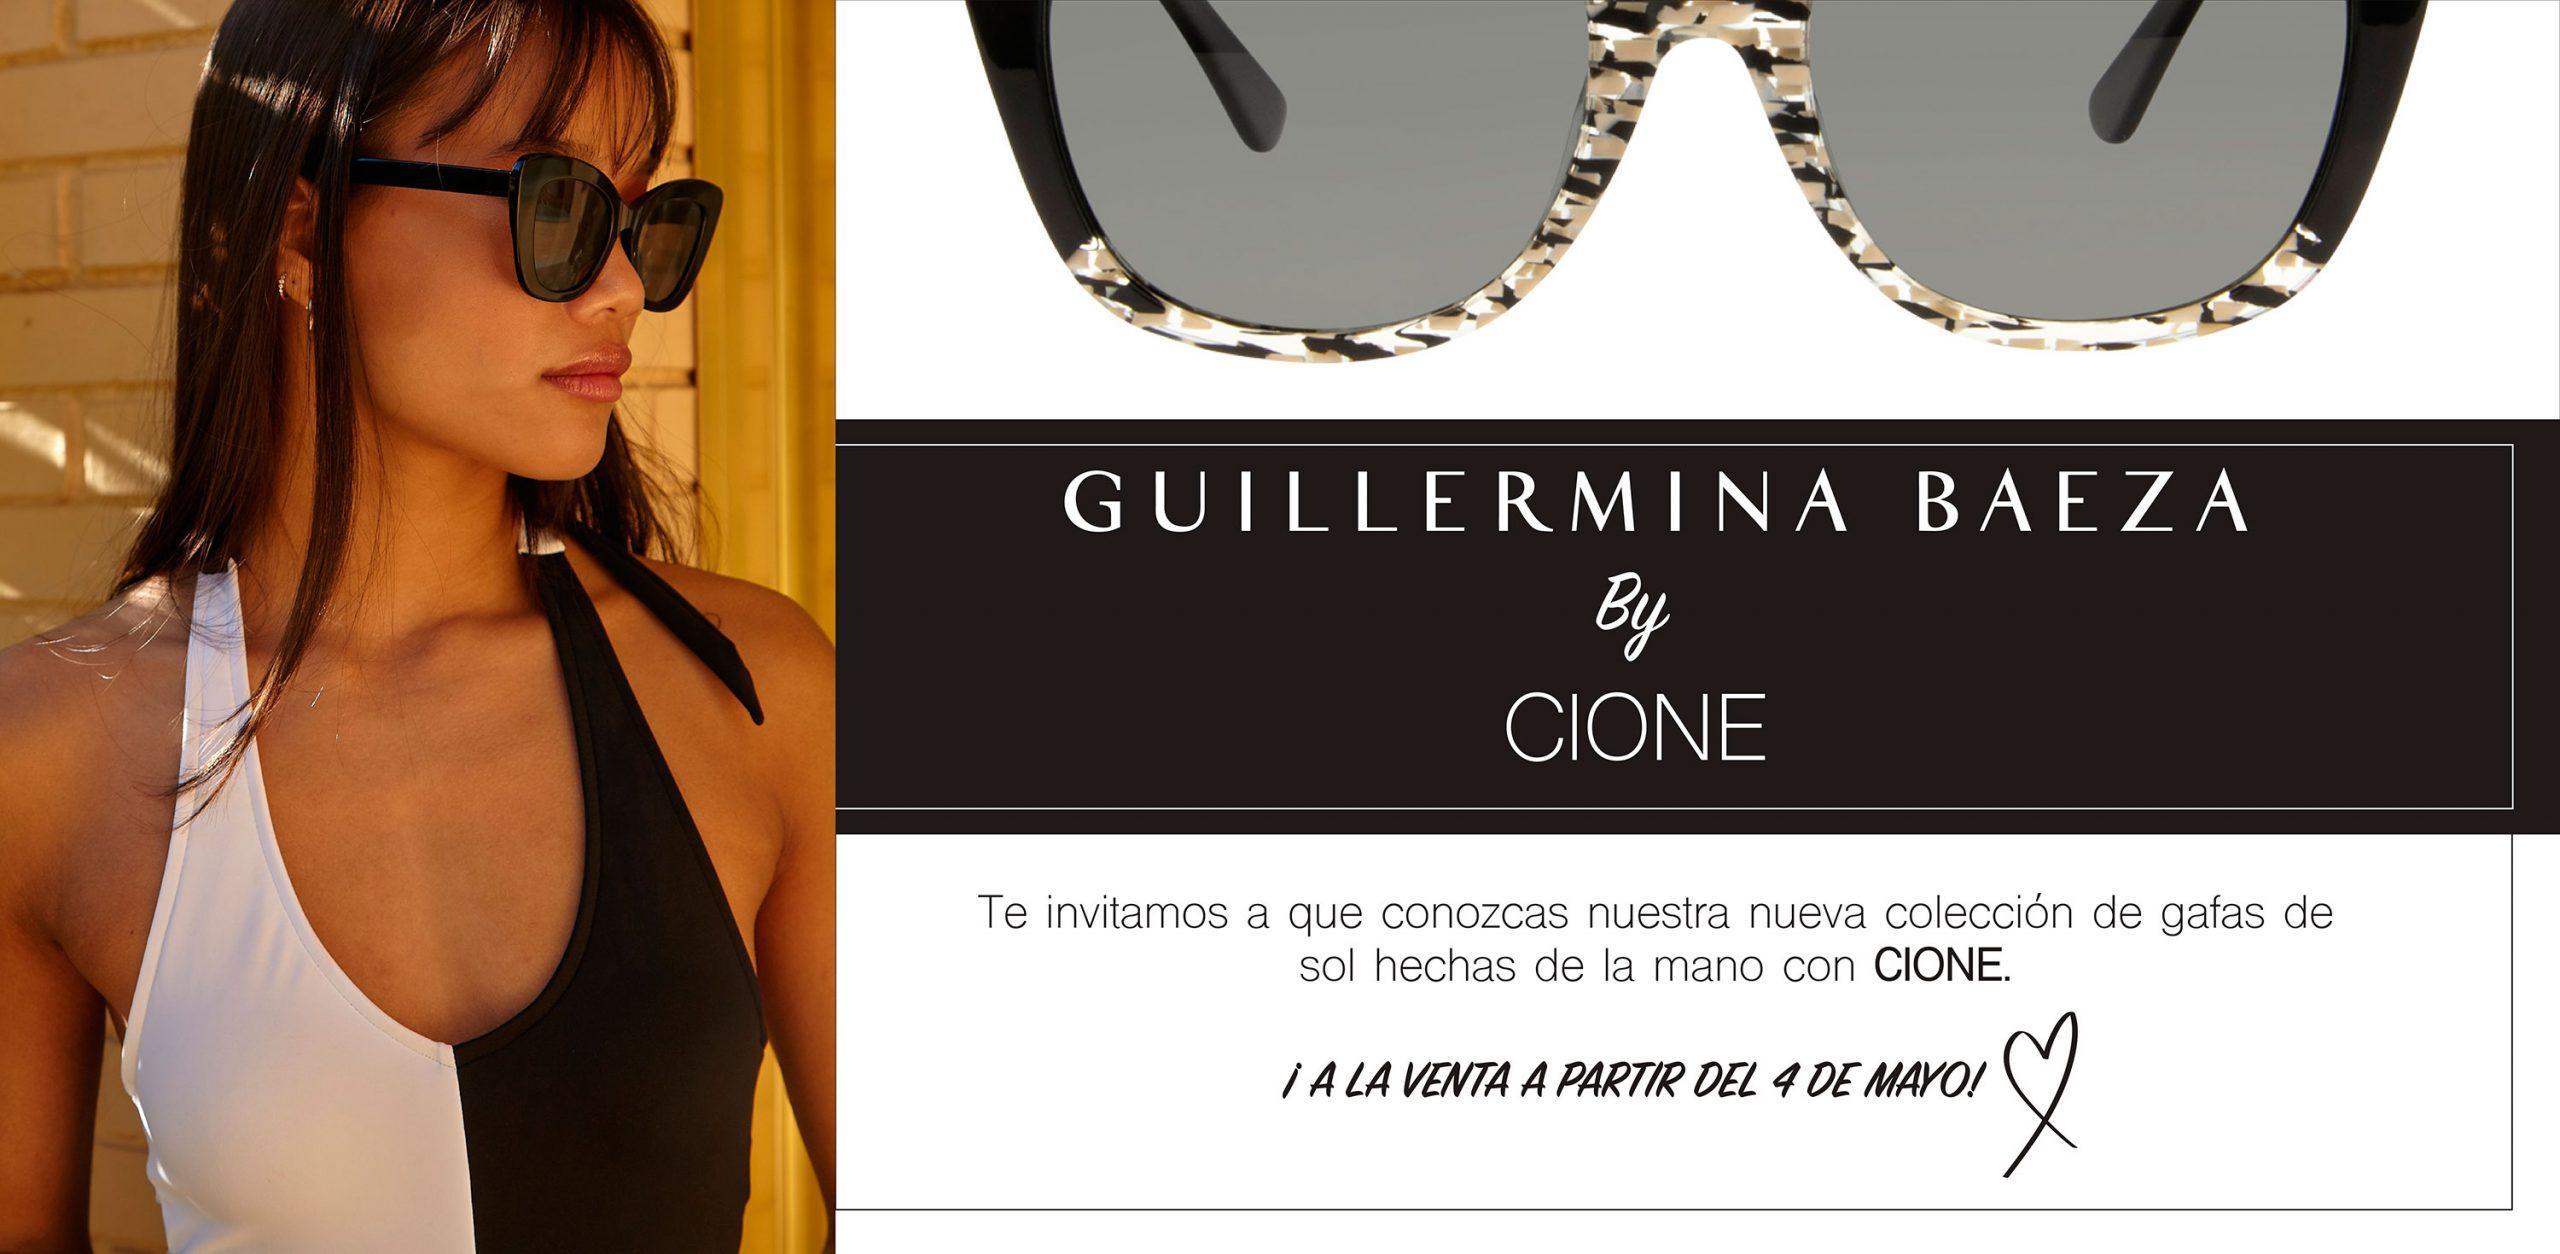 Bolsos GUILLERMINA BAEZA Mujer | Compra Online en